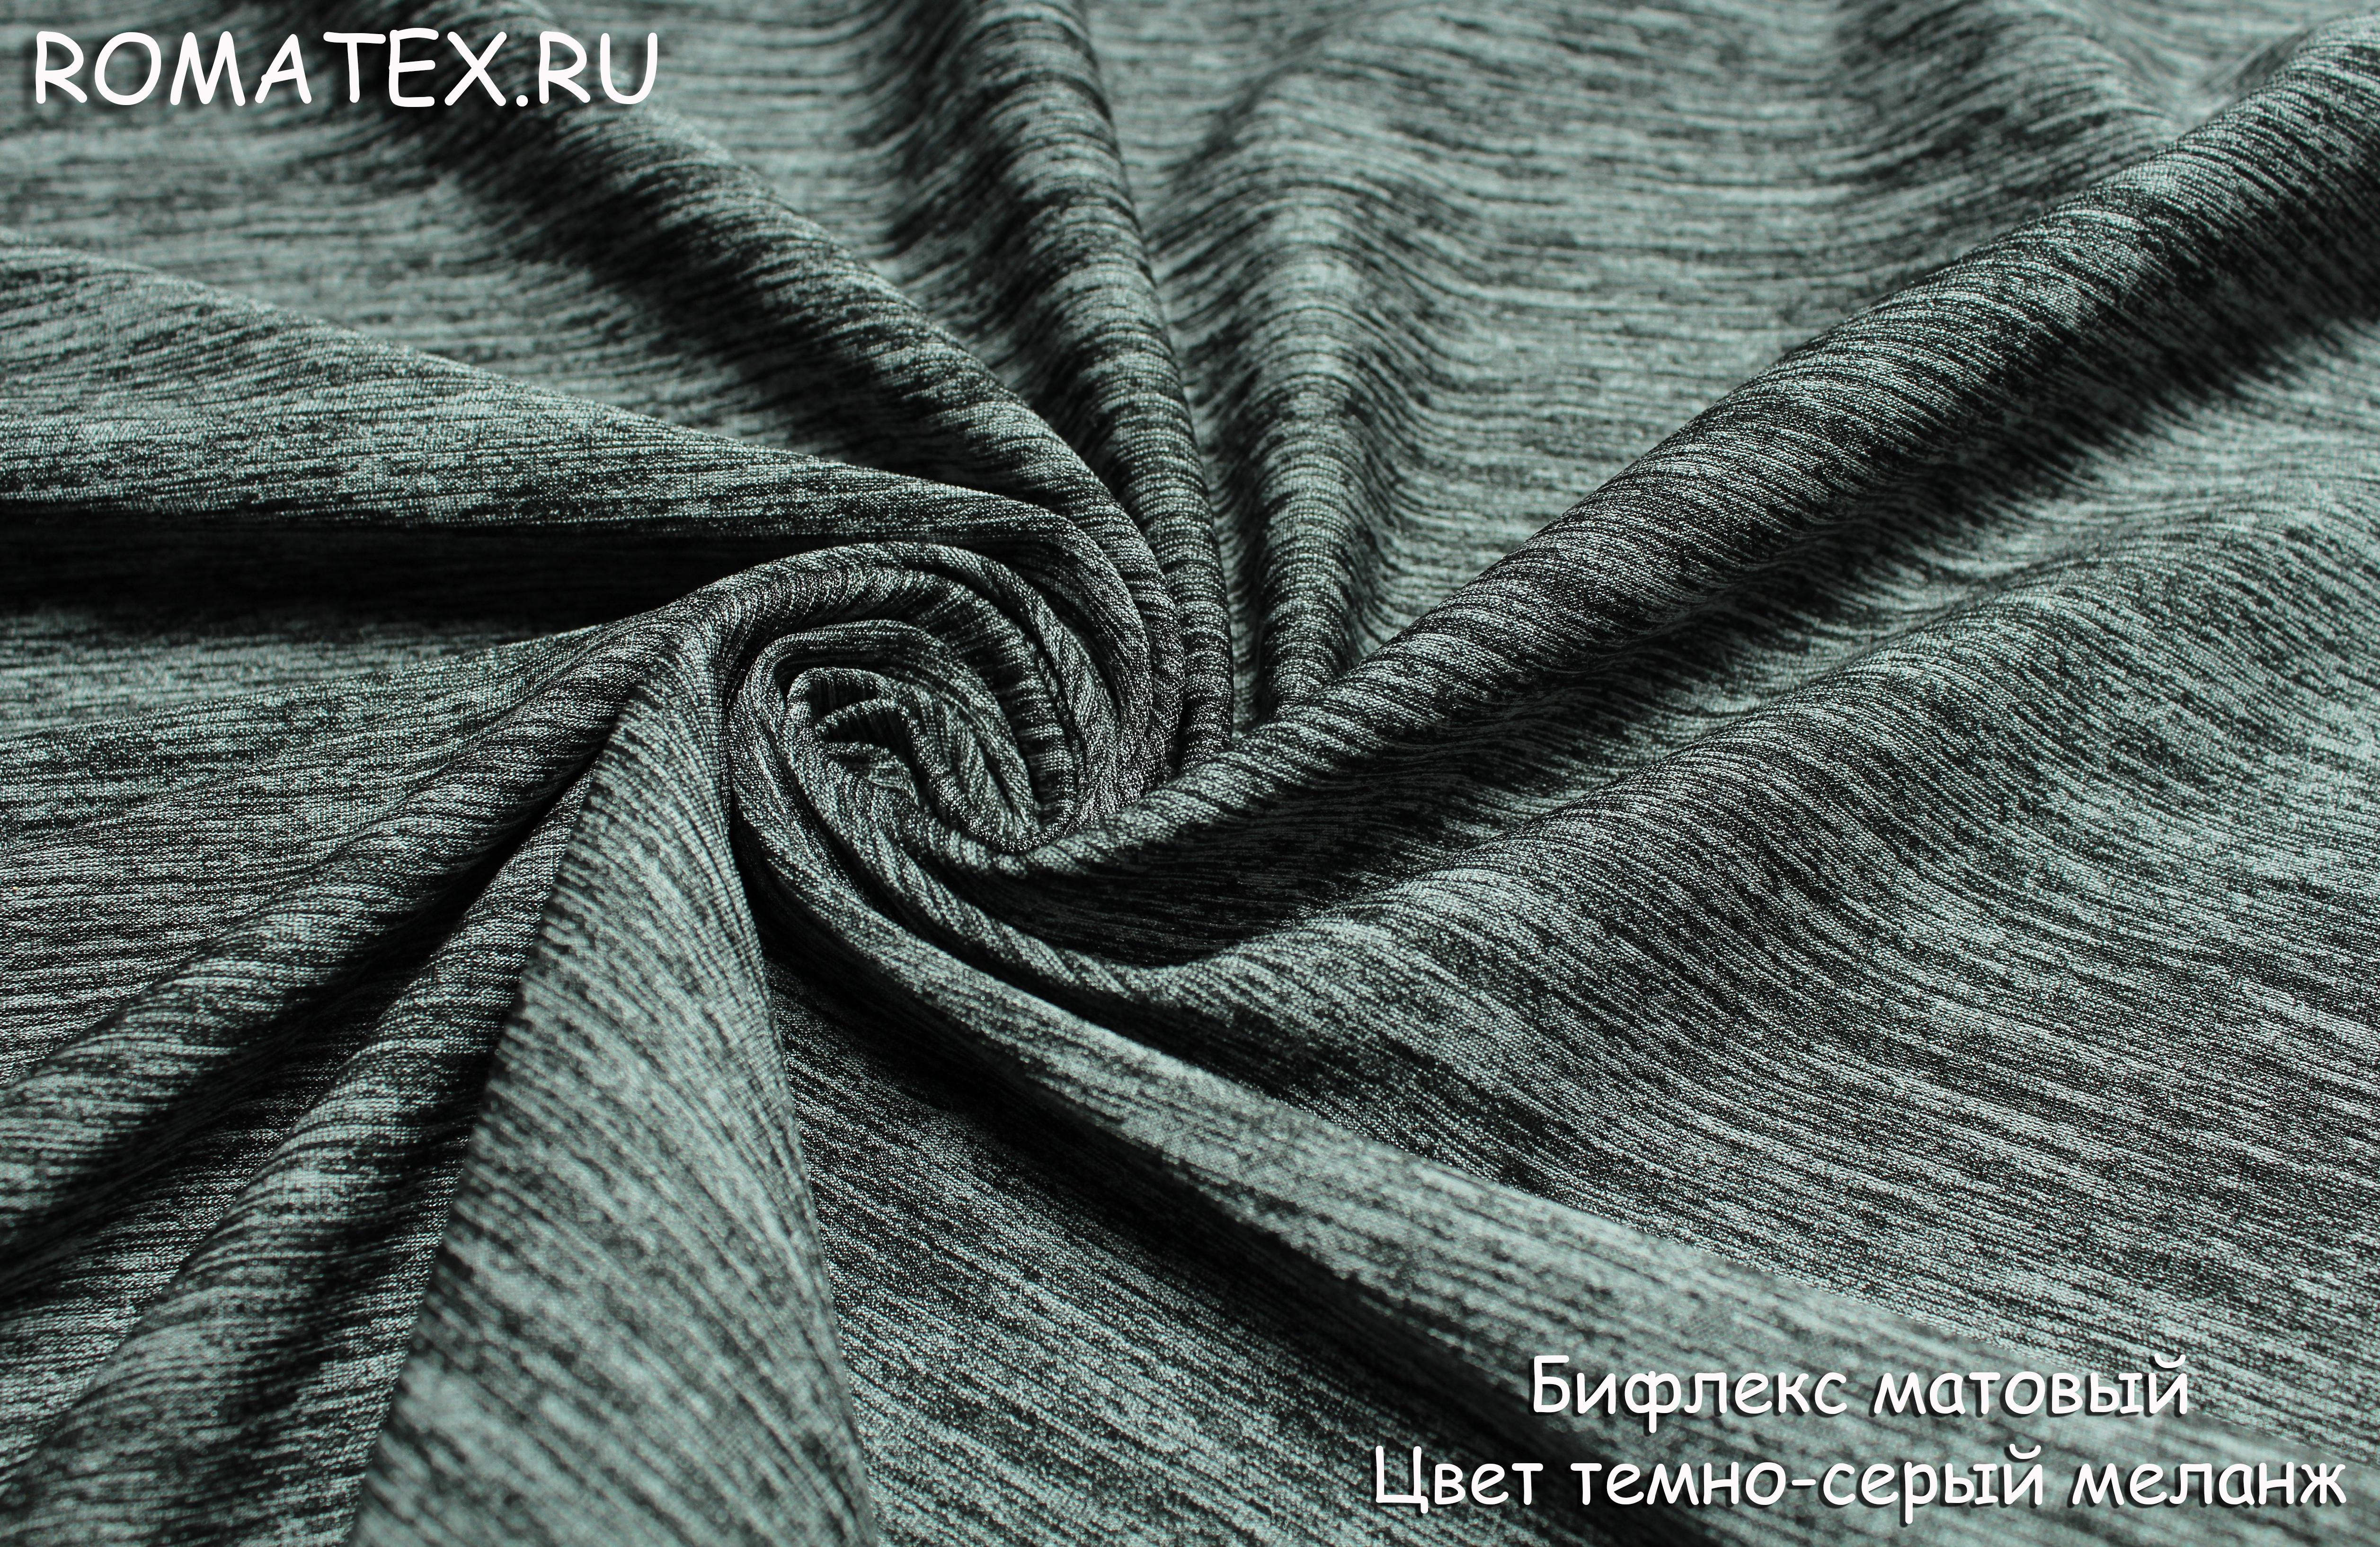 Бифлекс матовый цвет темно — серый меланж